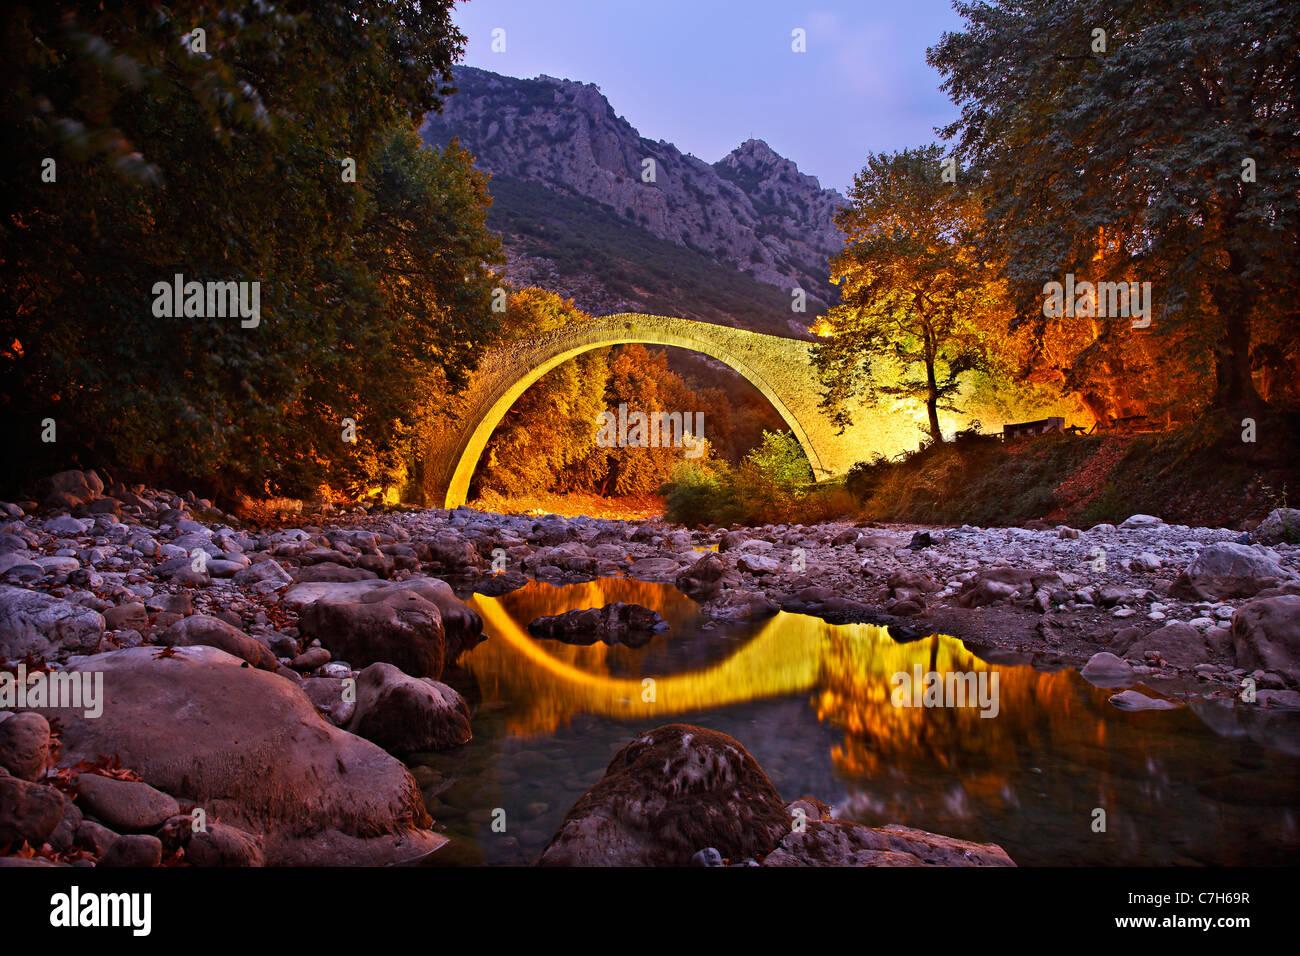 """Pili alte Stein gewölbten Brücke, auch bekannt als """"Porta Panagia"""" Brücke, in der Nähe Stockbild"""